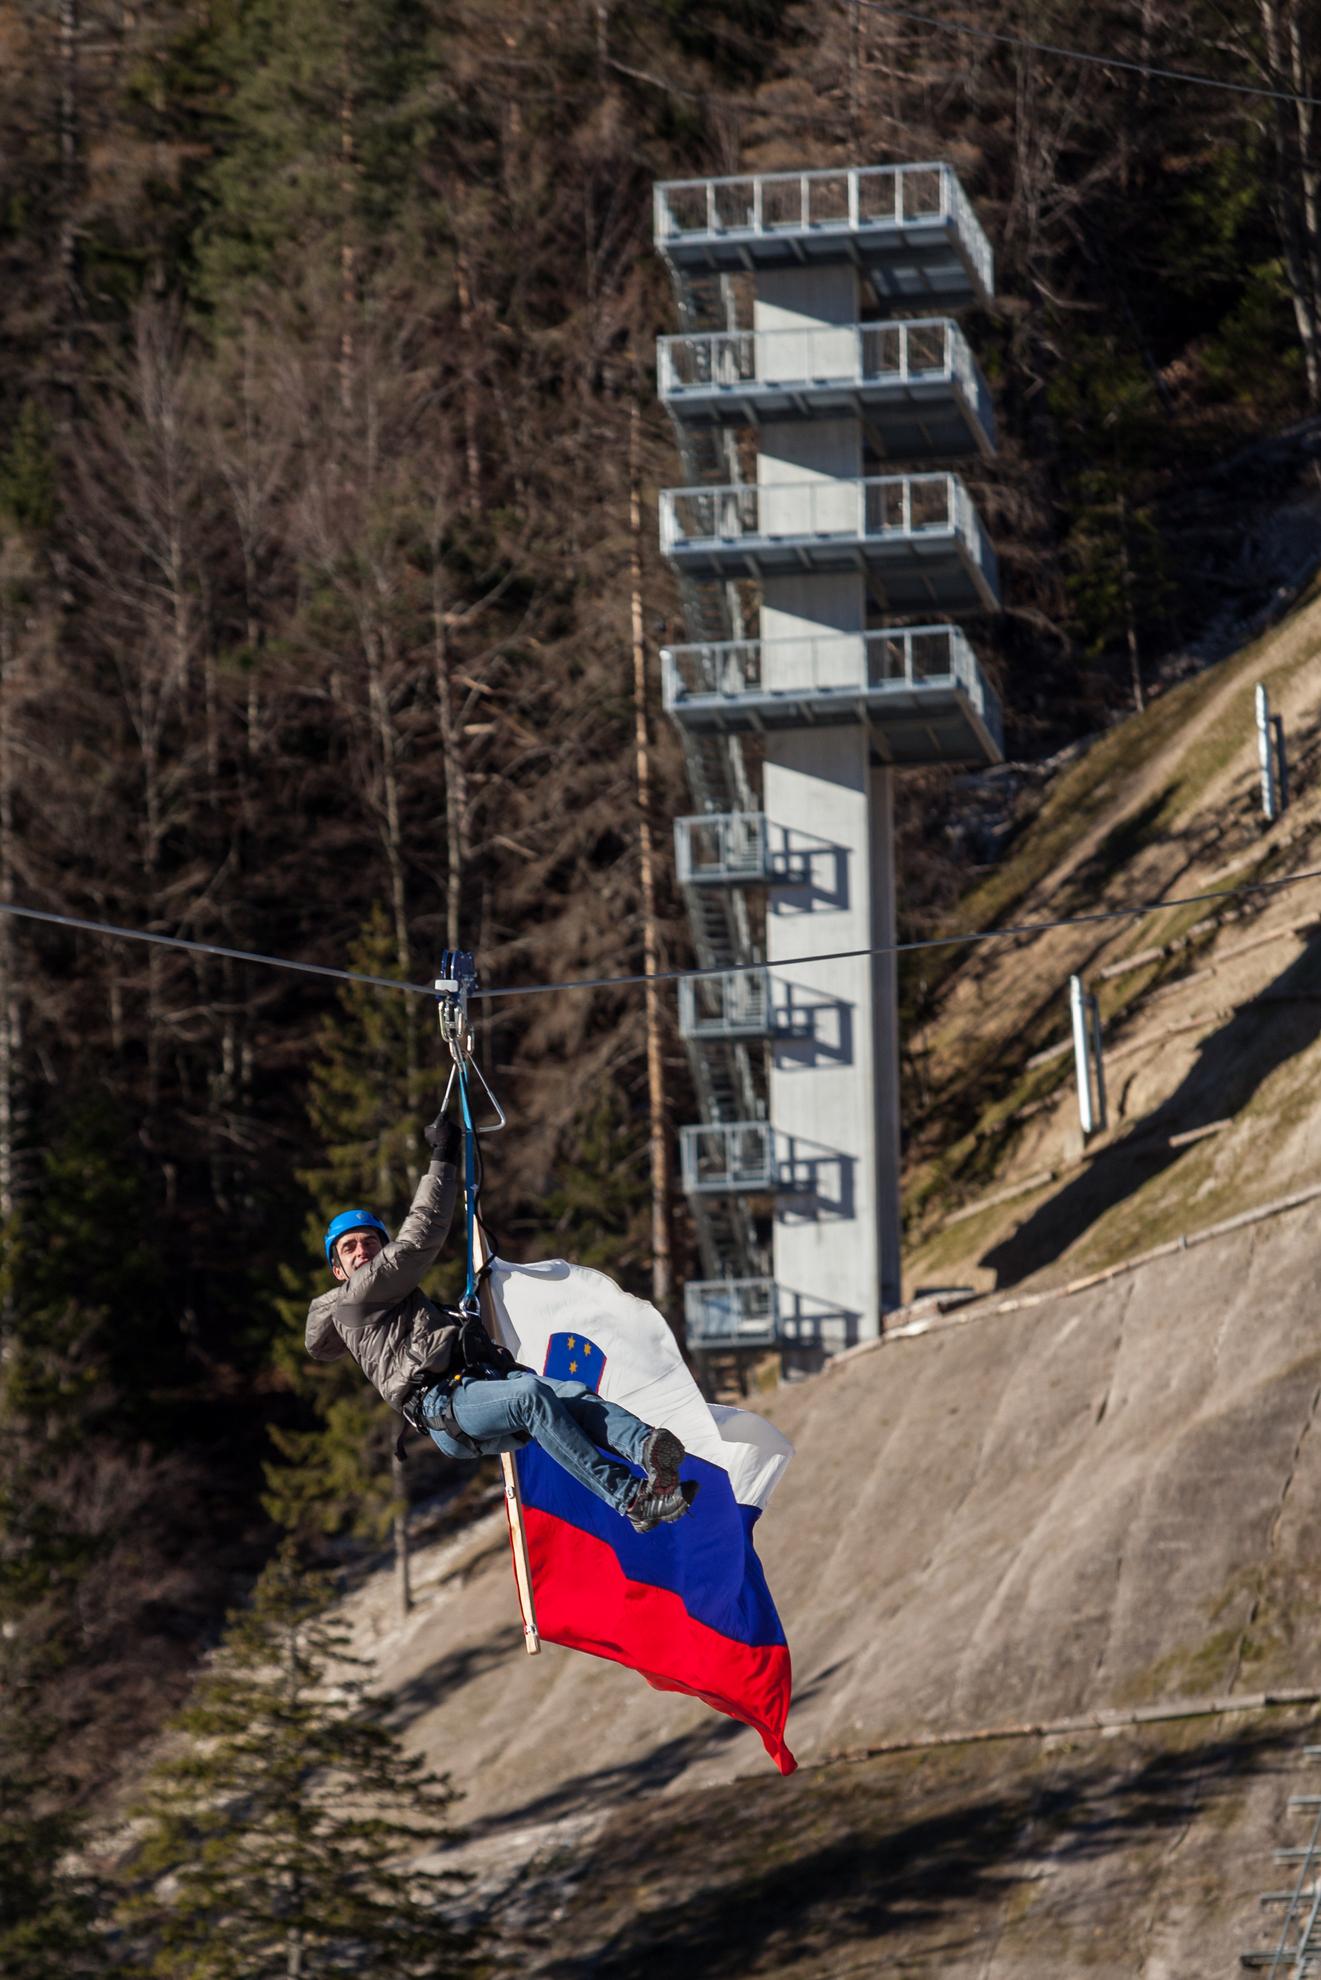 Planica. Otvoritev Nordijskega centra Planica in obisk vlade na gorenjskem. Franci Petek se spušča  po zip-line s slovensko zastavo nad letalnico v Planici.